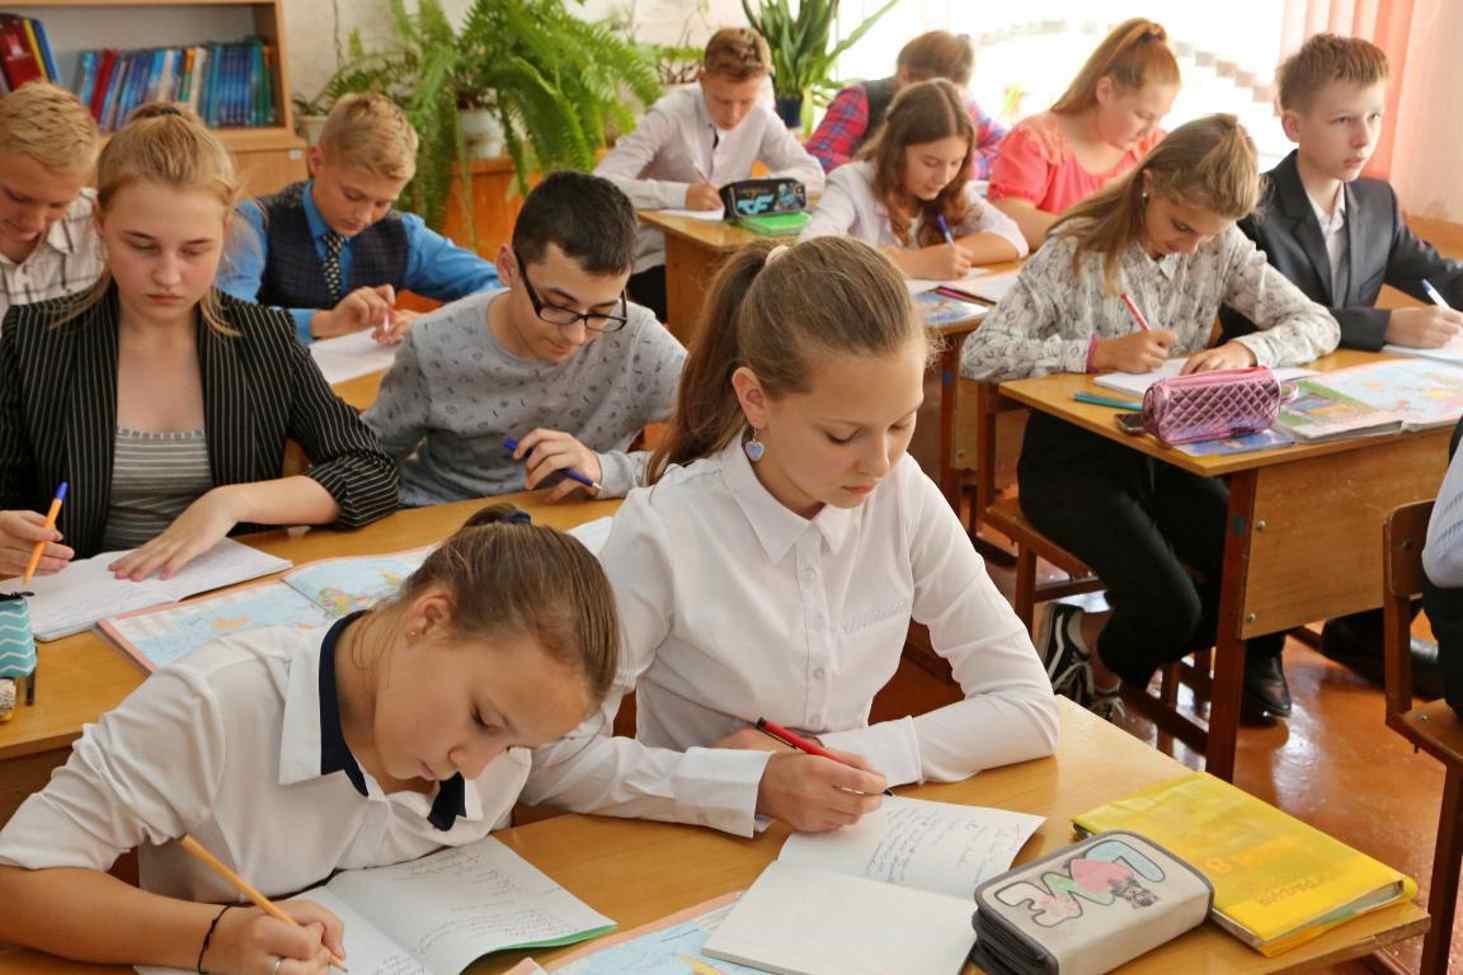 nazvany-samye-rasprostranyonnye-u-rossijskih-shkolnikov-zabolevaniya